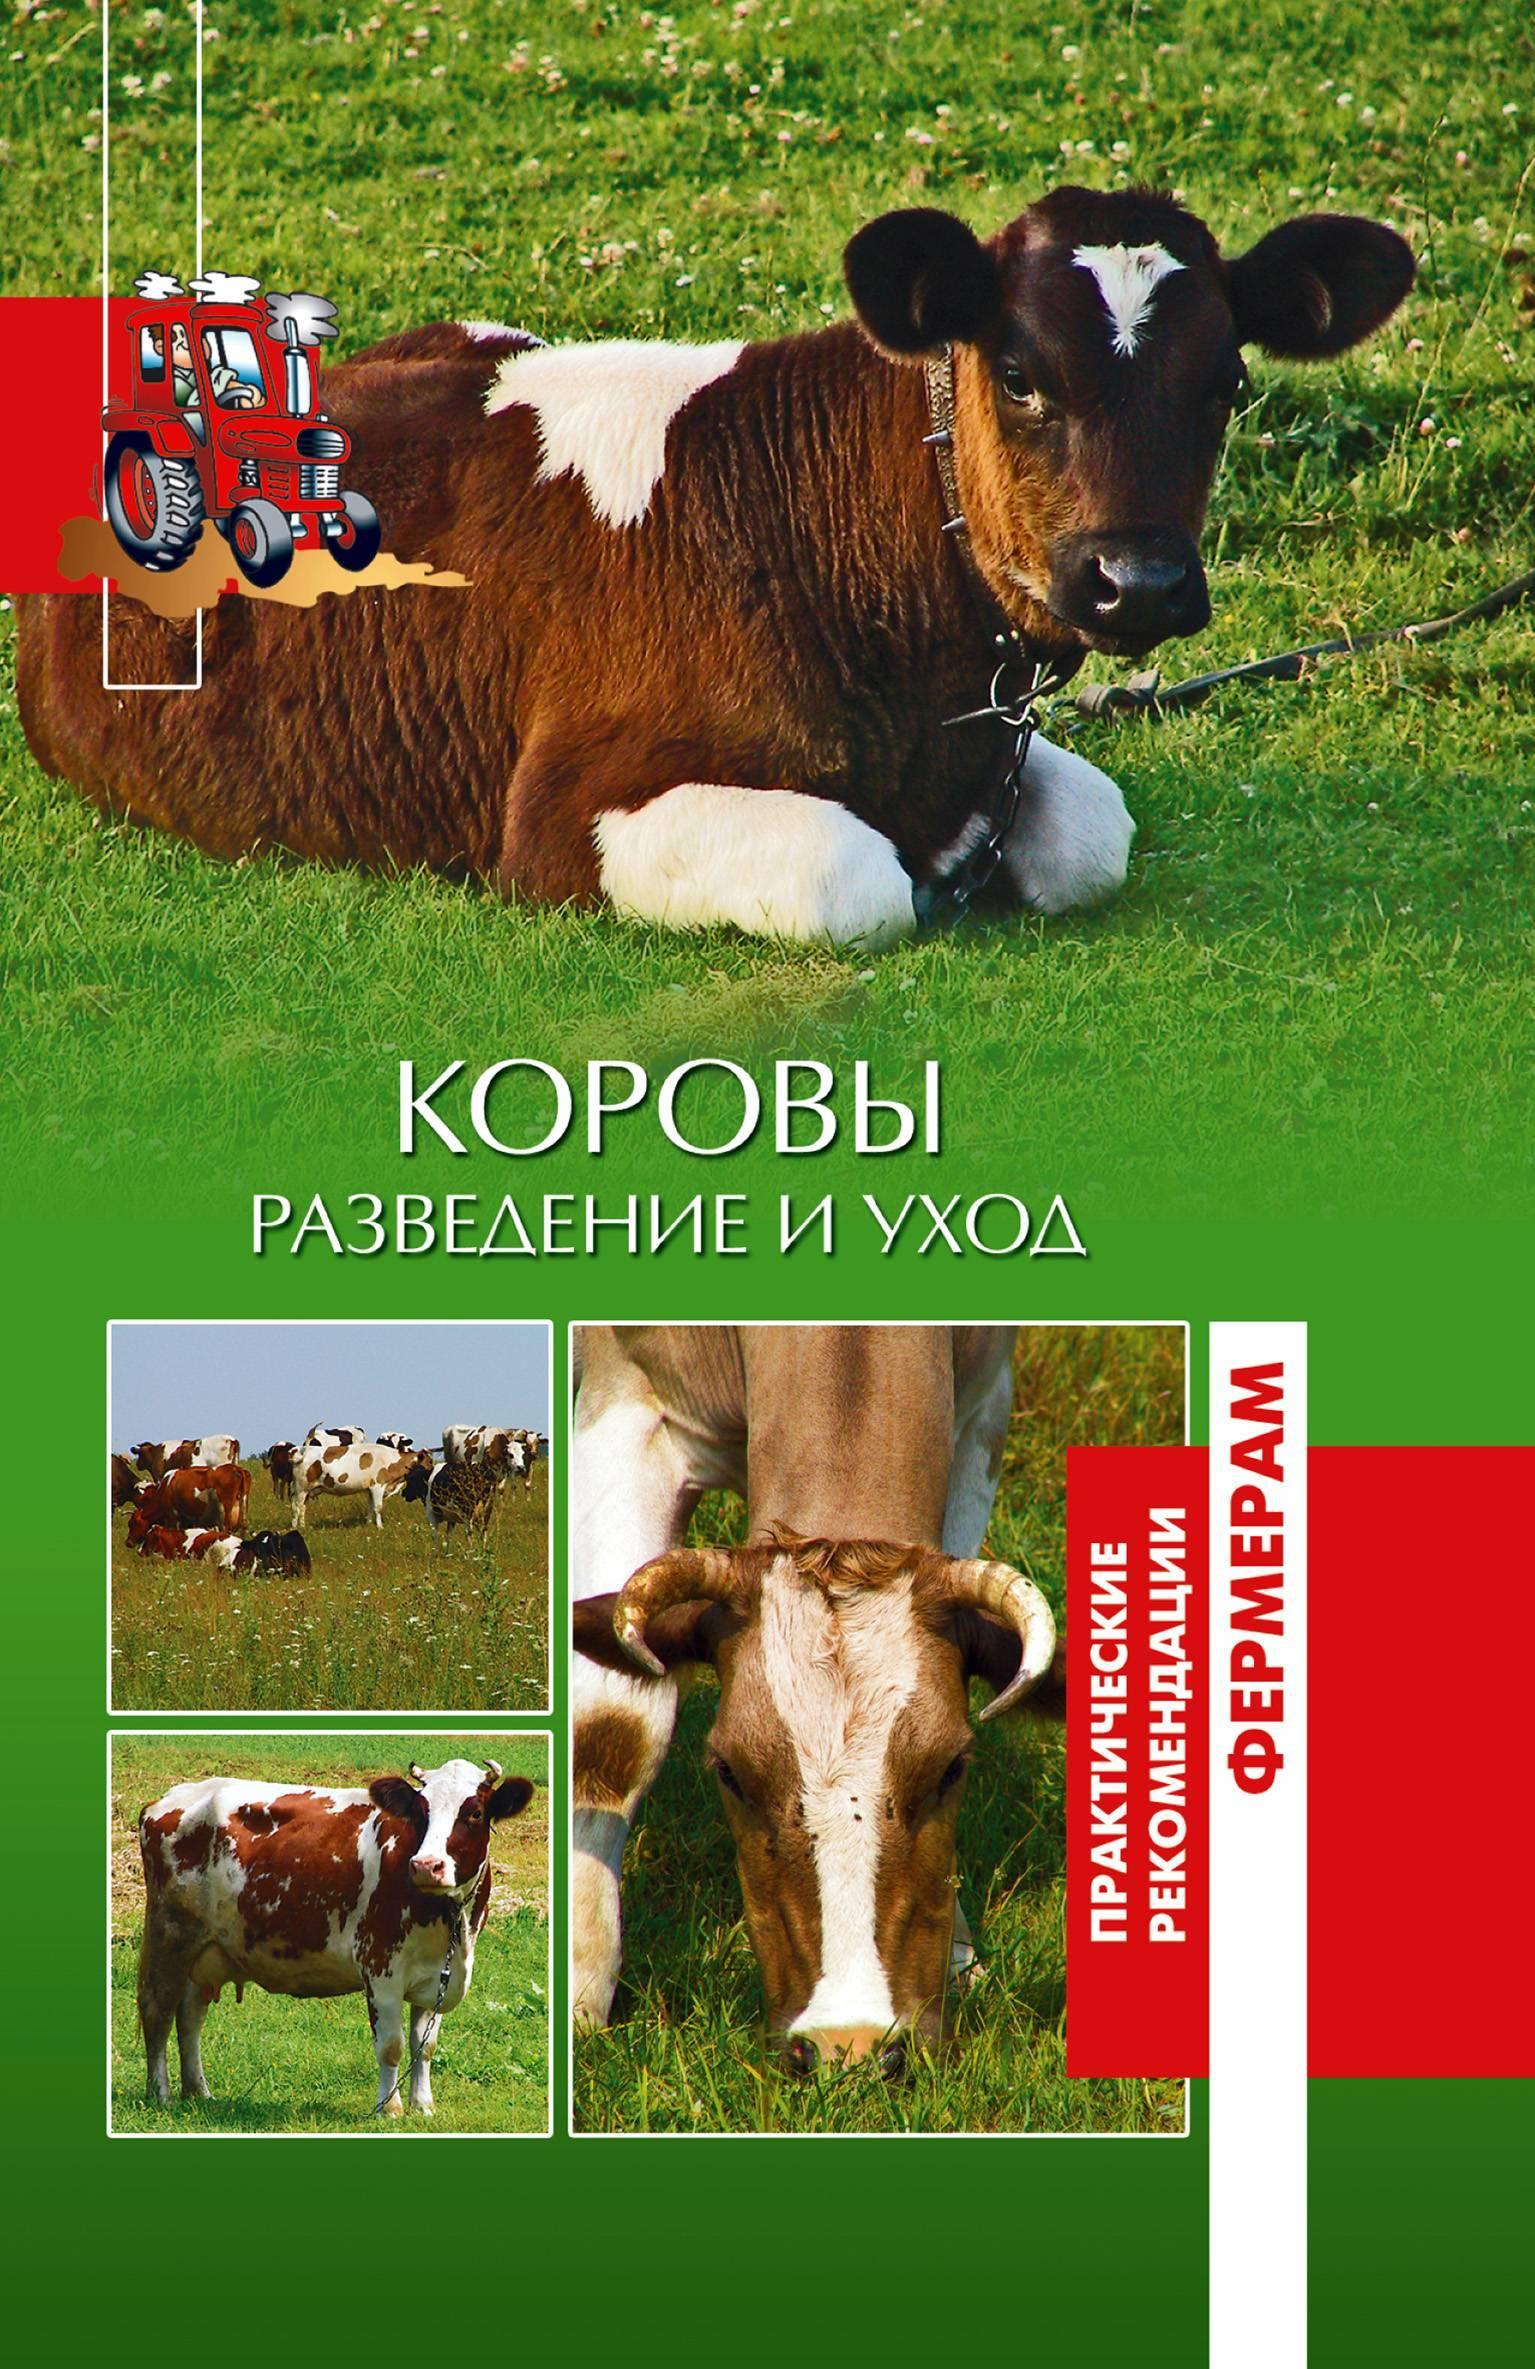 Красно-пестрая порода коров